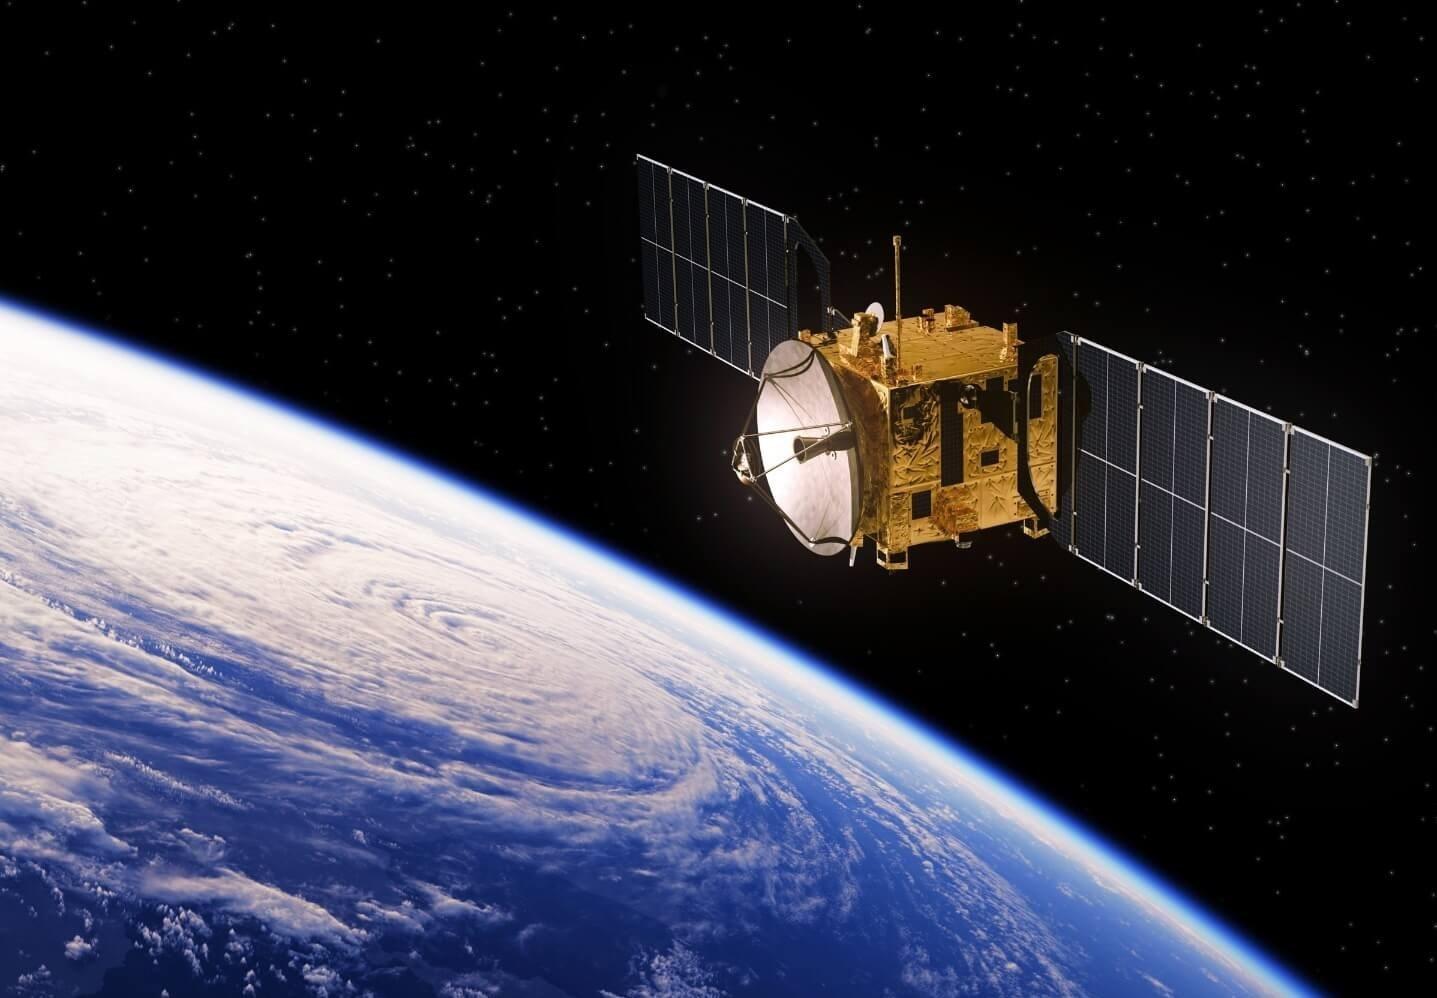 علم و تکنولوژی , علمی , شرکت های دانش بنیان , اخبار هوا و فضا ,